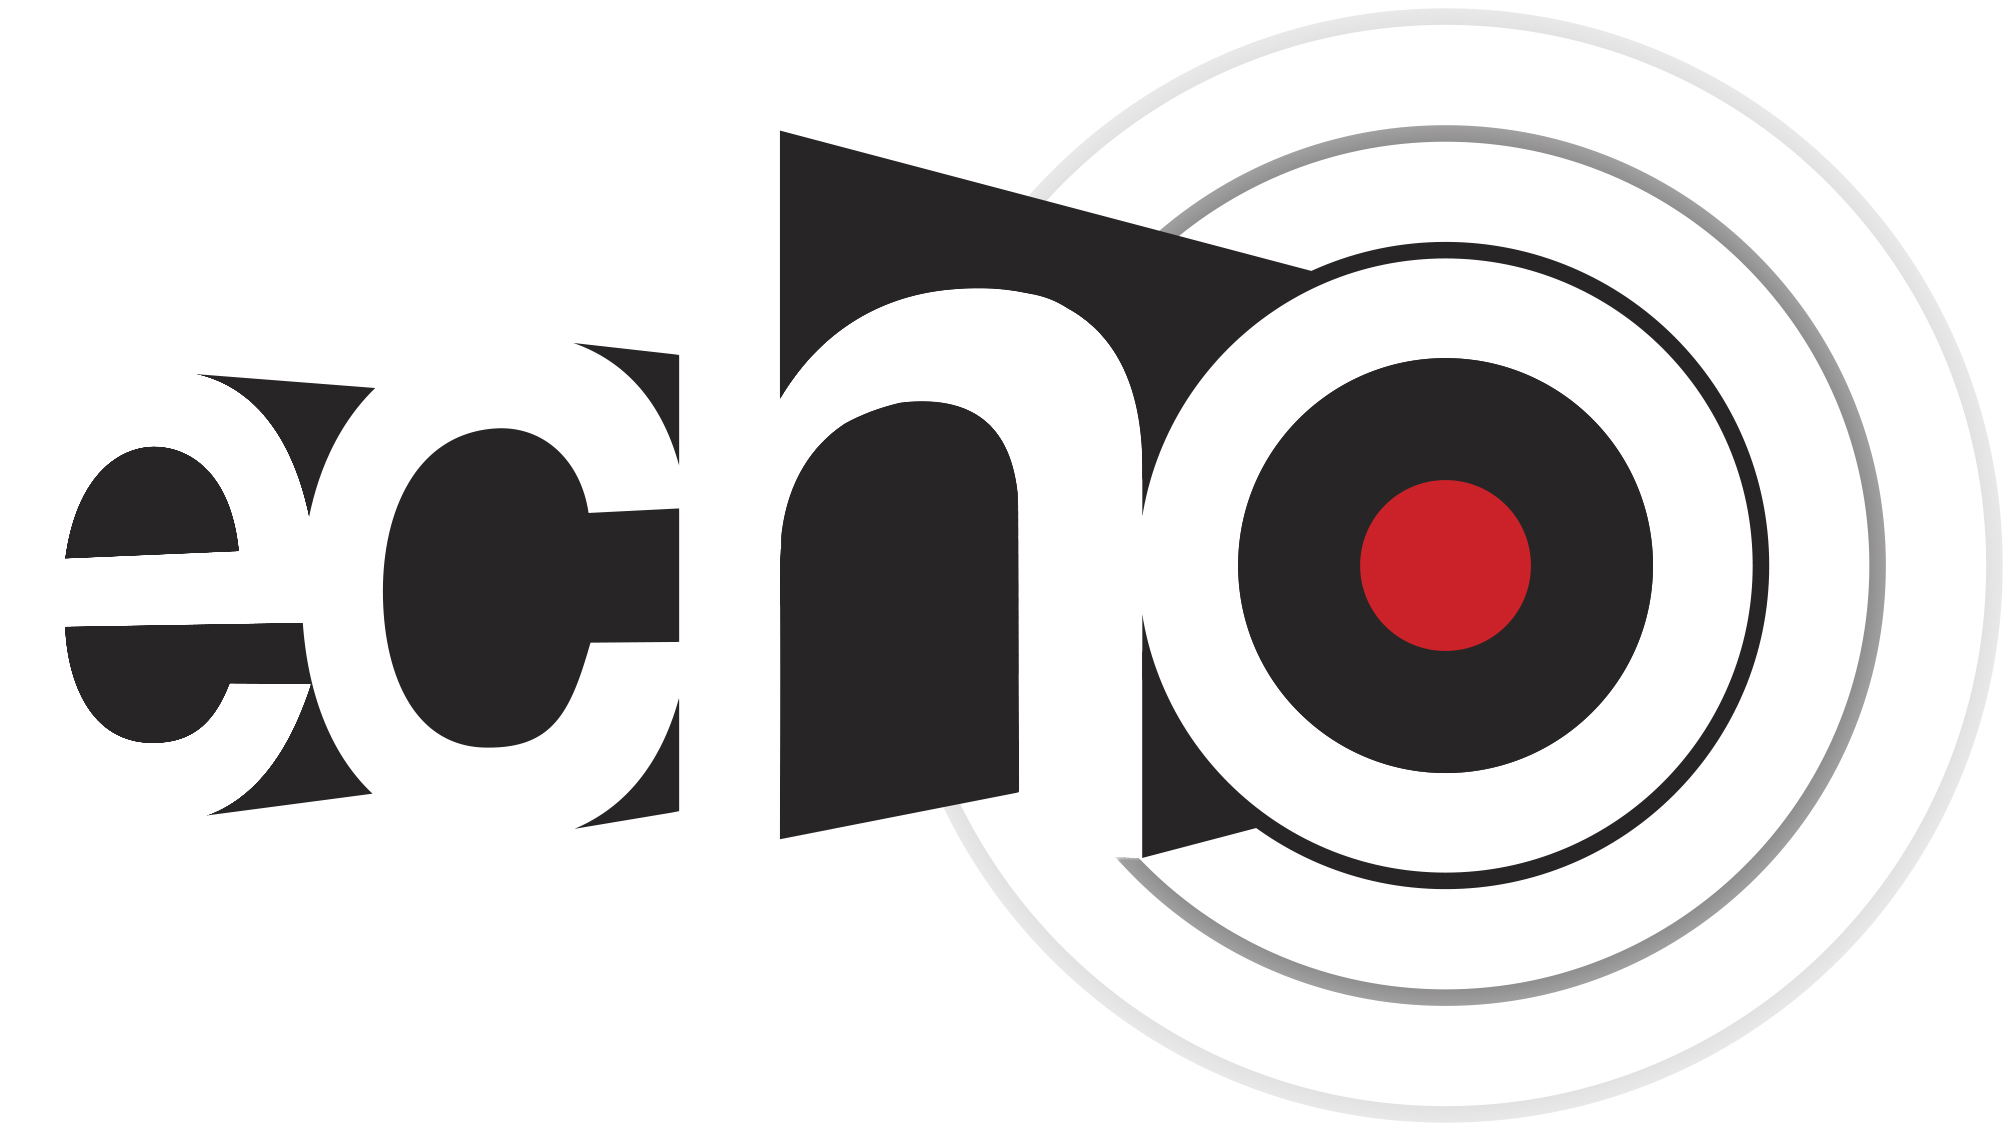 Aplikace Echo zapojí do pátrání širokou veřejnost